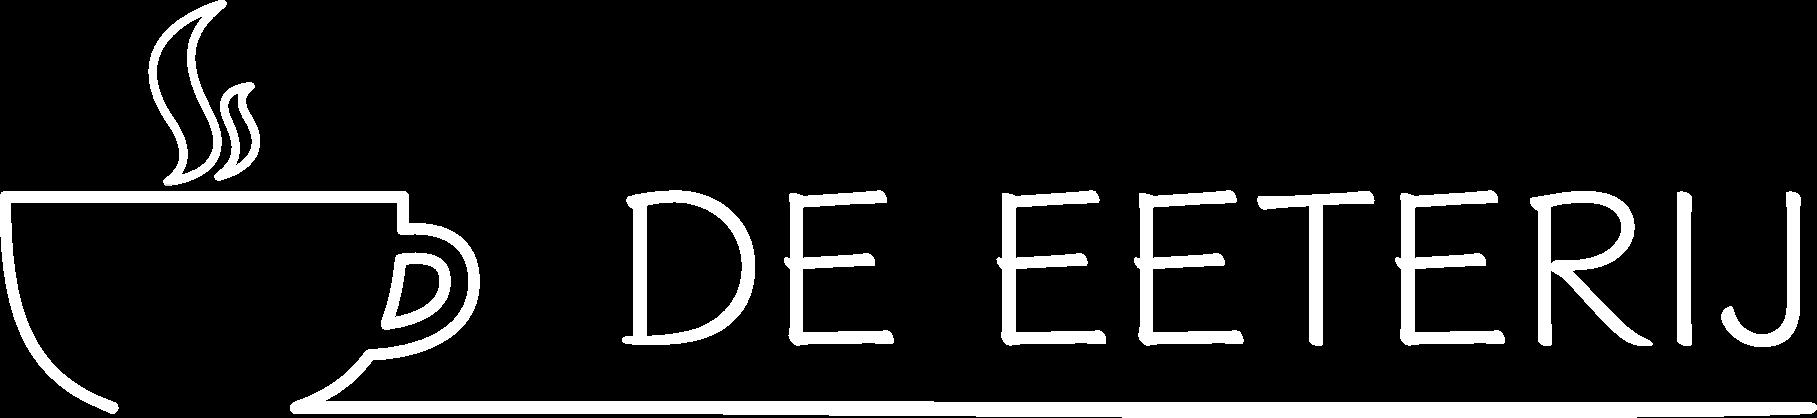 De Eeterij-Drogeham